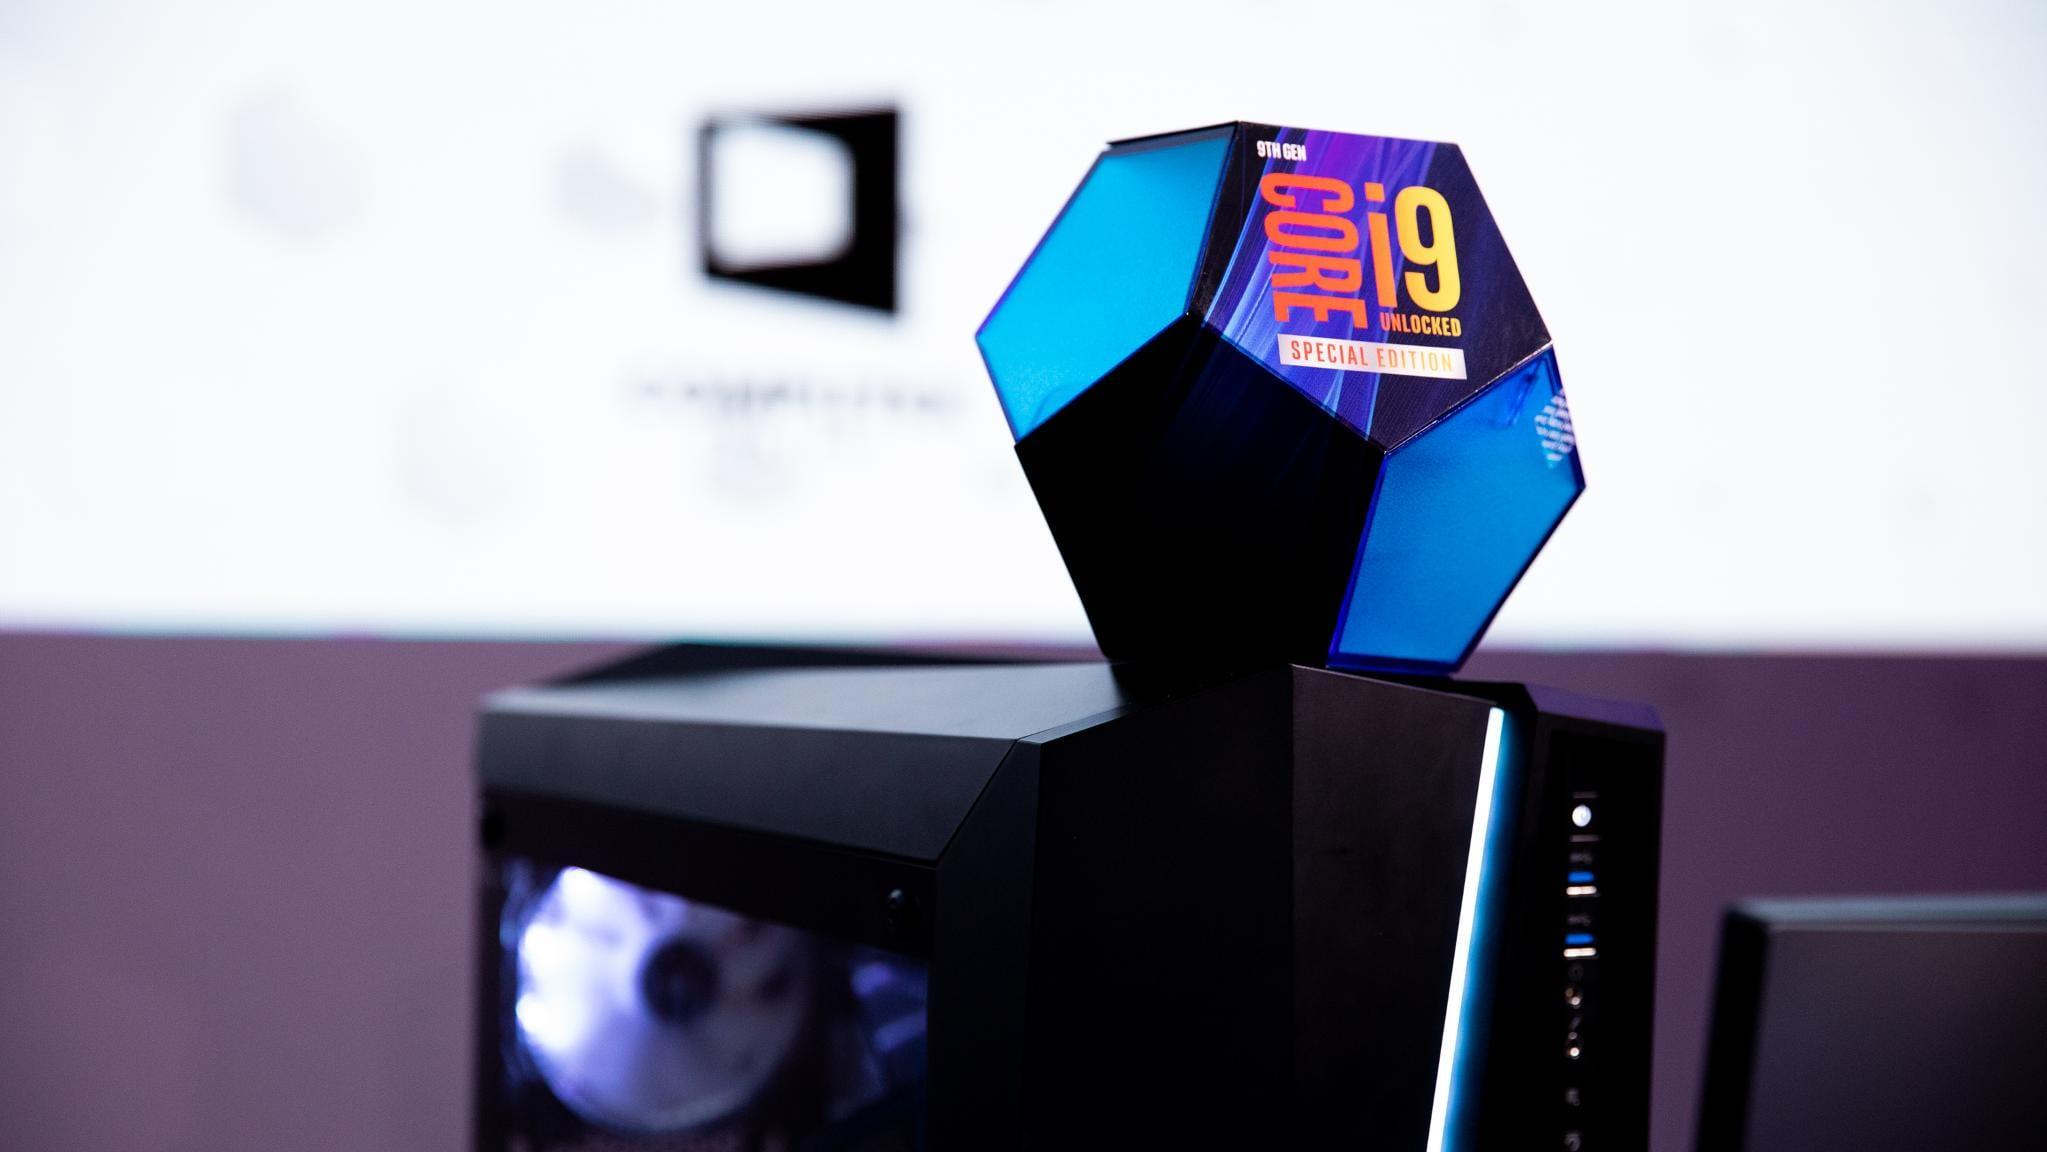 Процессоры Ryzen 4000 обеспечат 17% прирост производительность относительно чипов Ryzen 3000